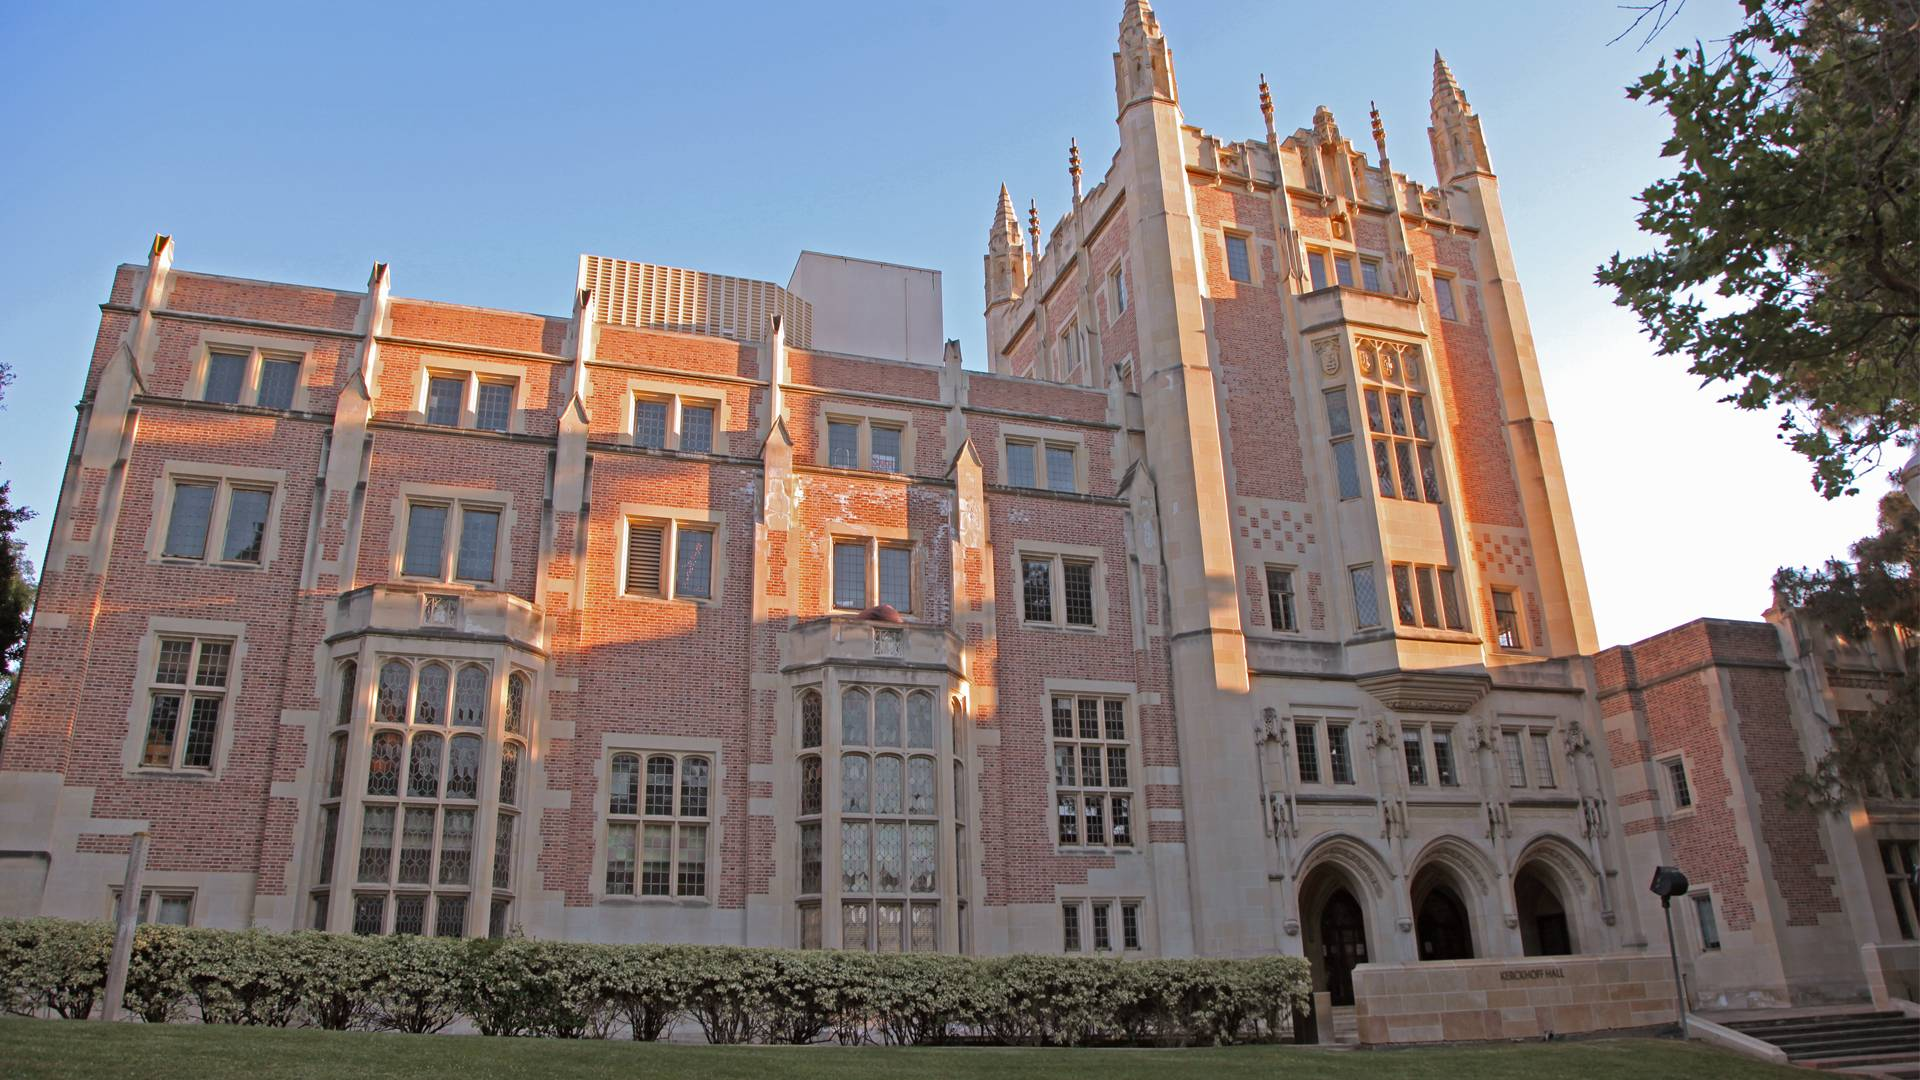 Образование и обучение в калифорнии: лучшие университеты и вузы в 2020 году